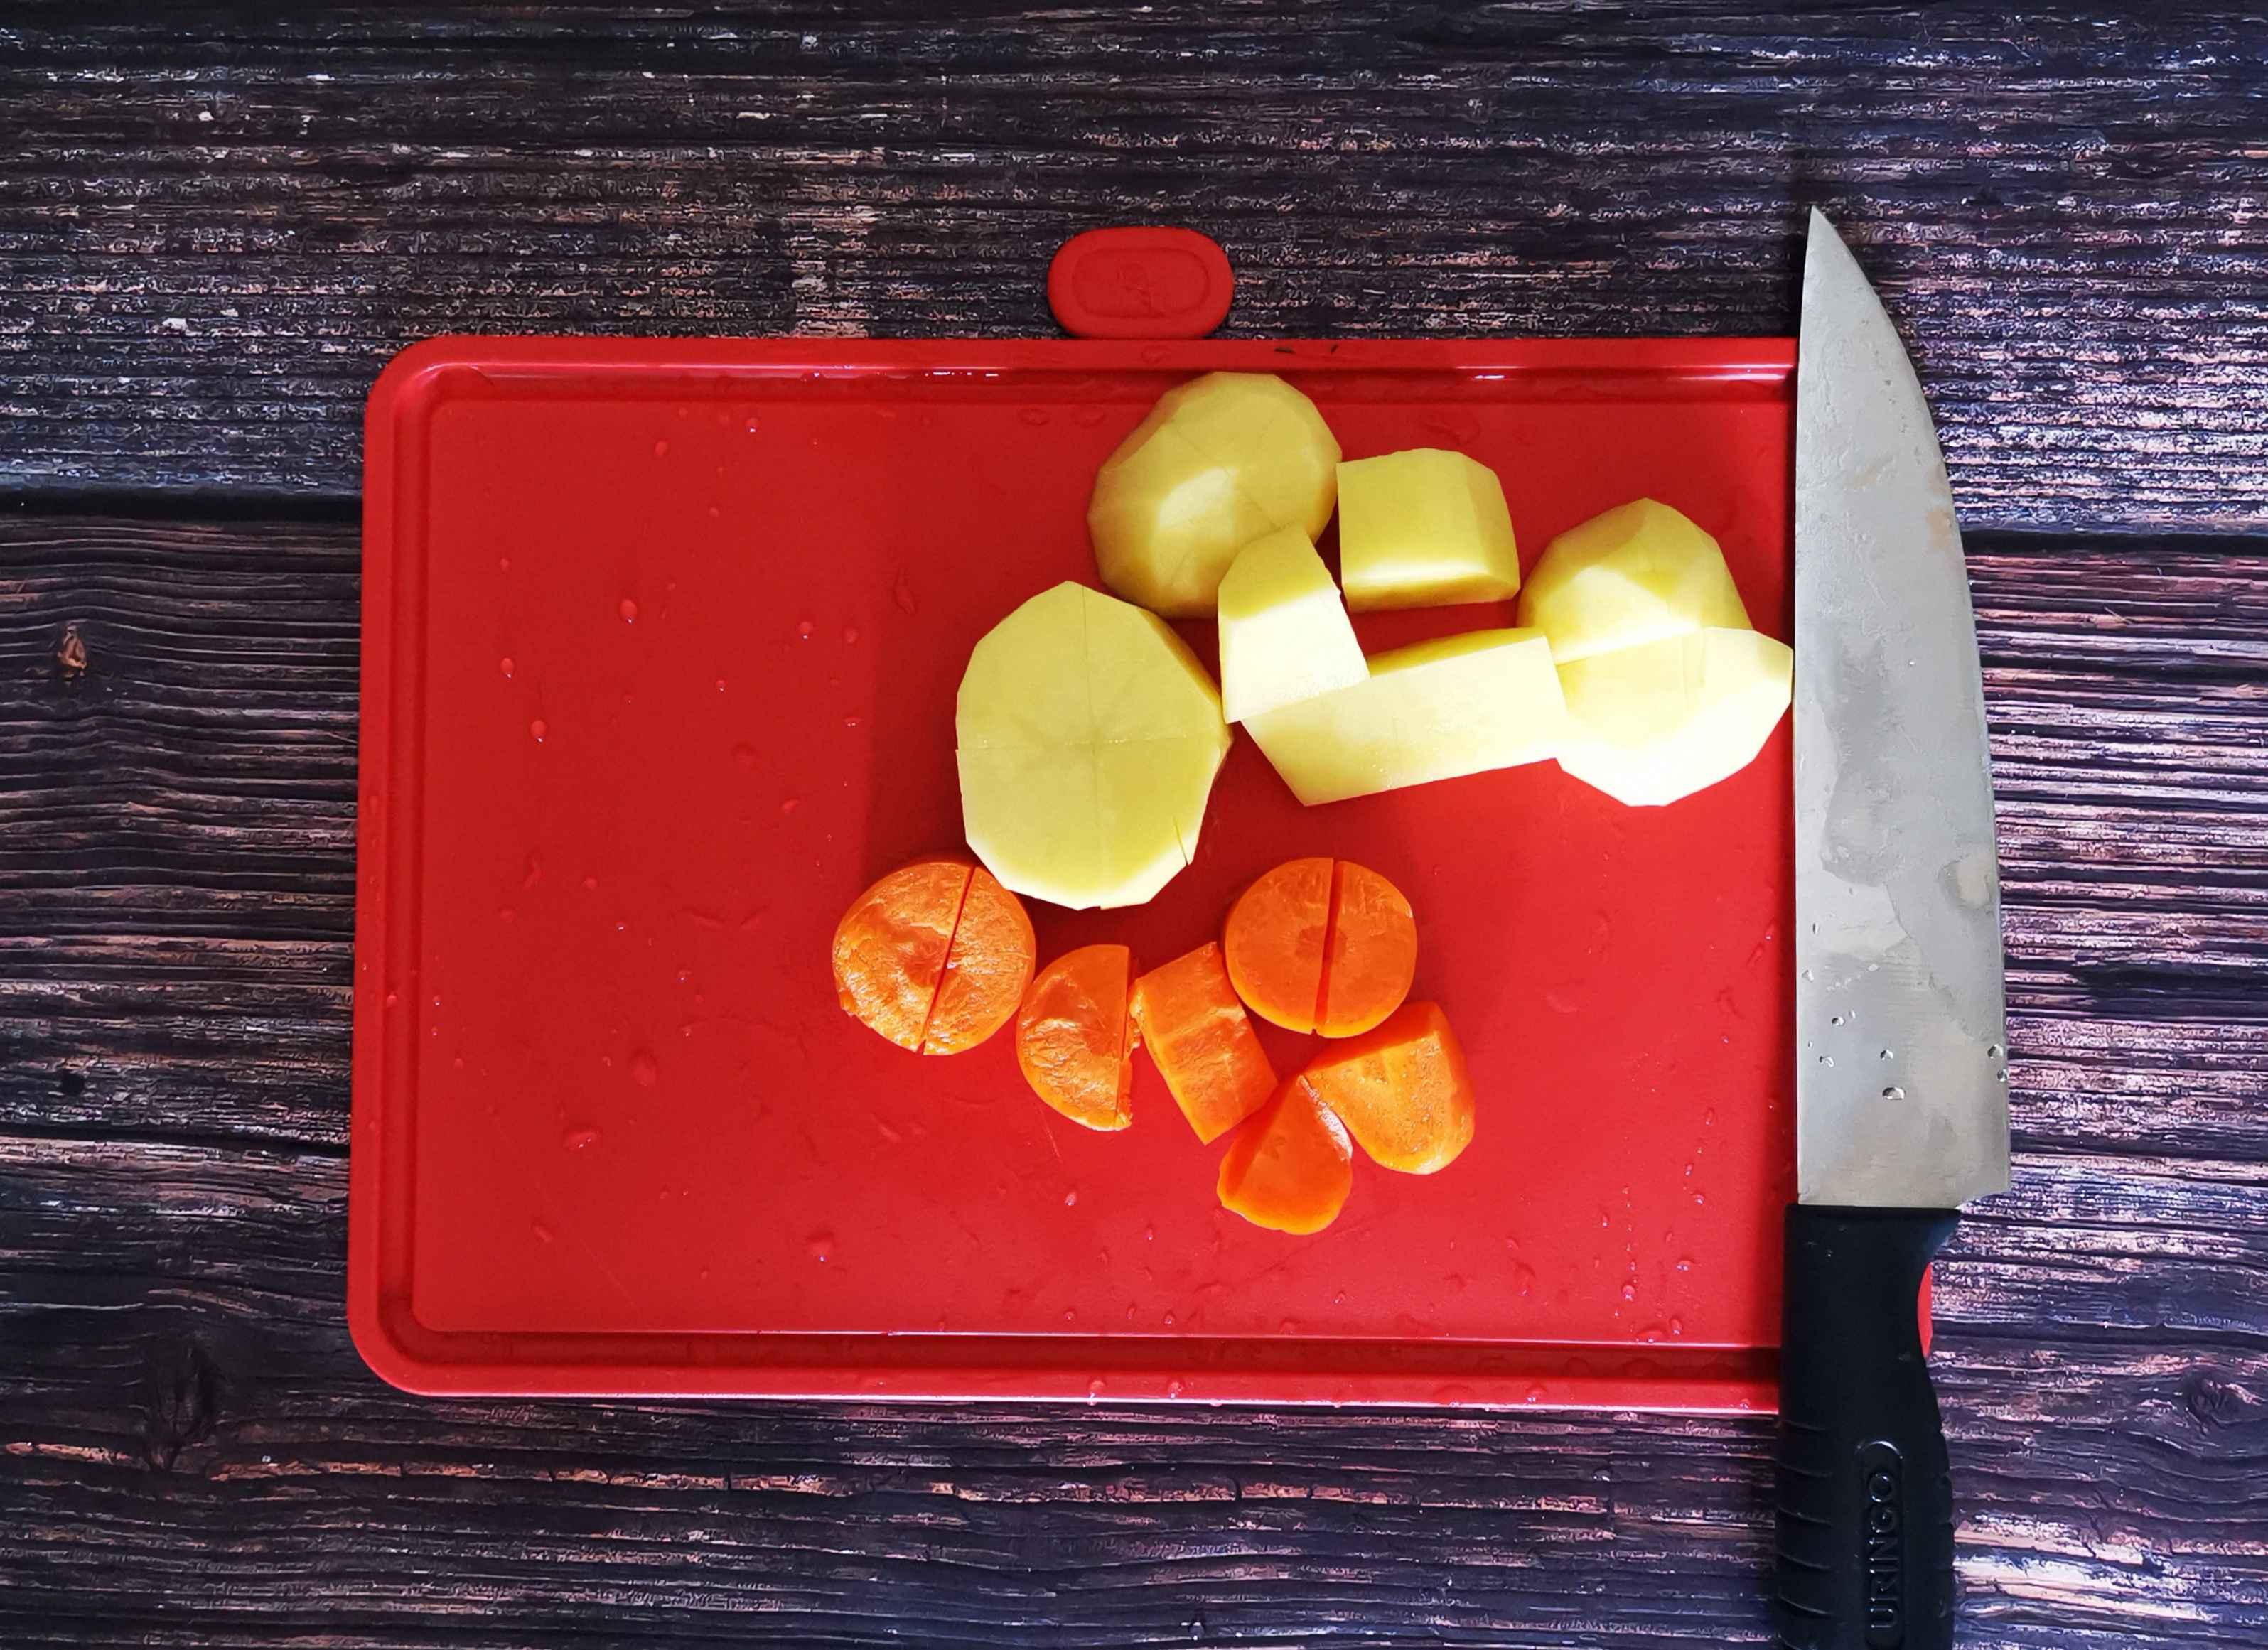 胡萝卜土豆泥的做法图解